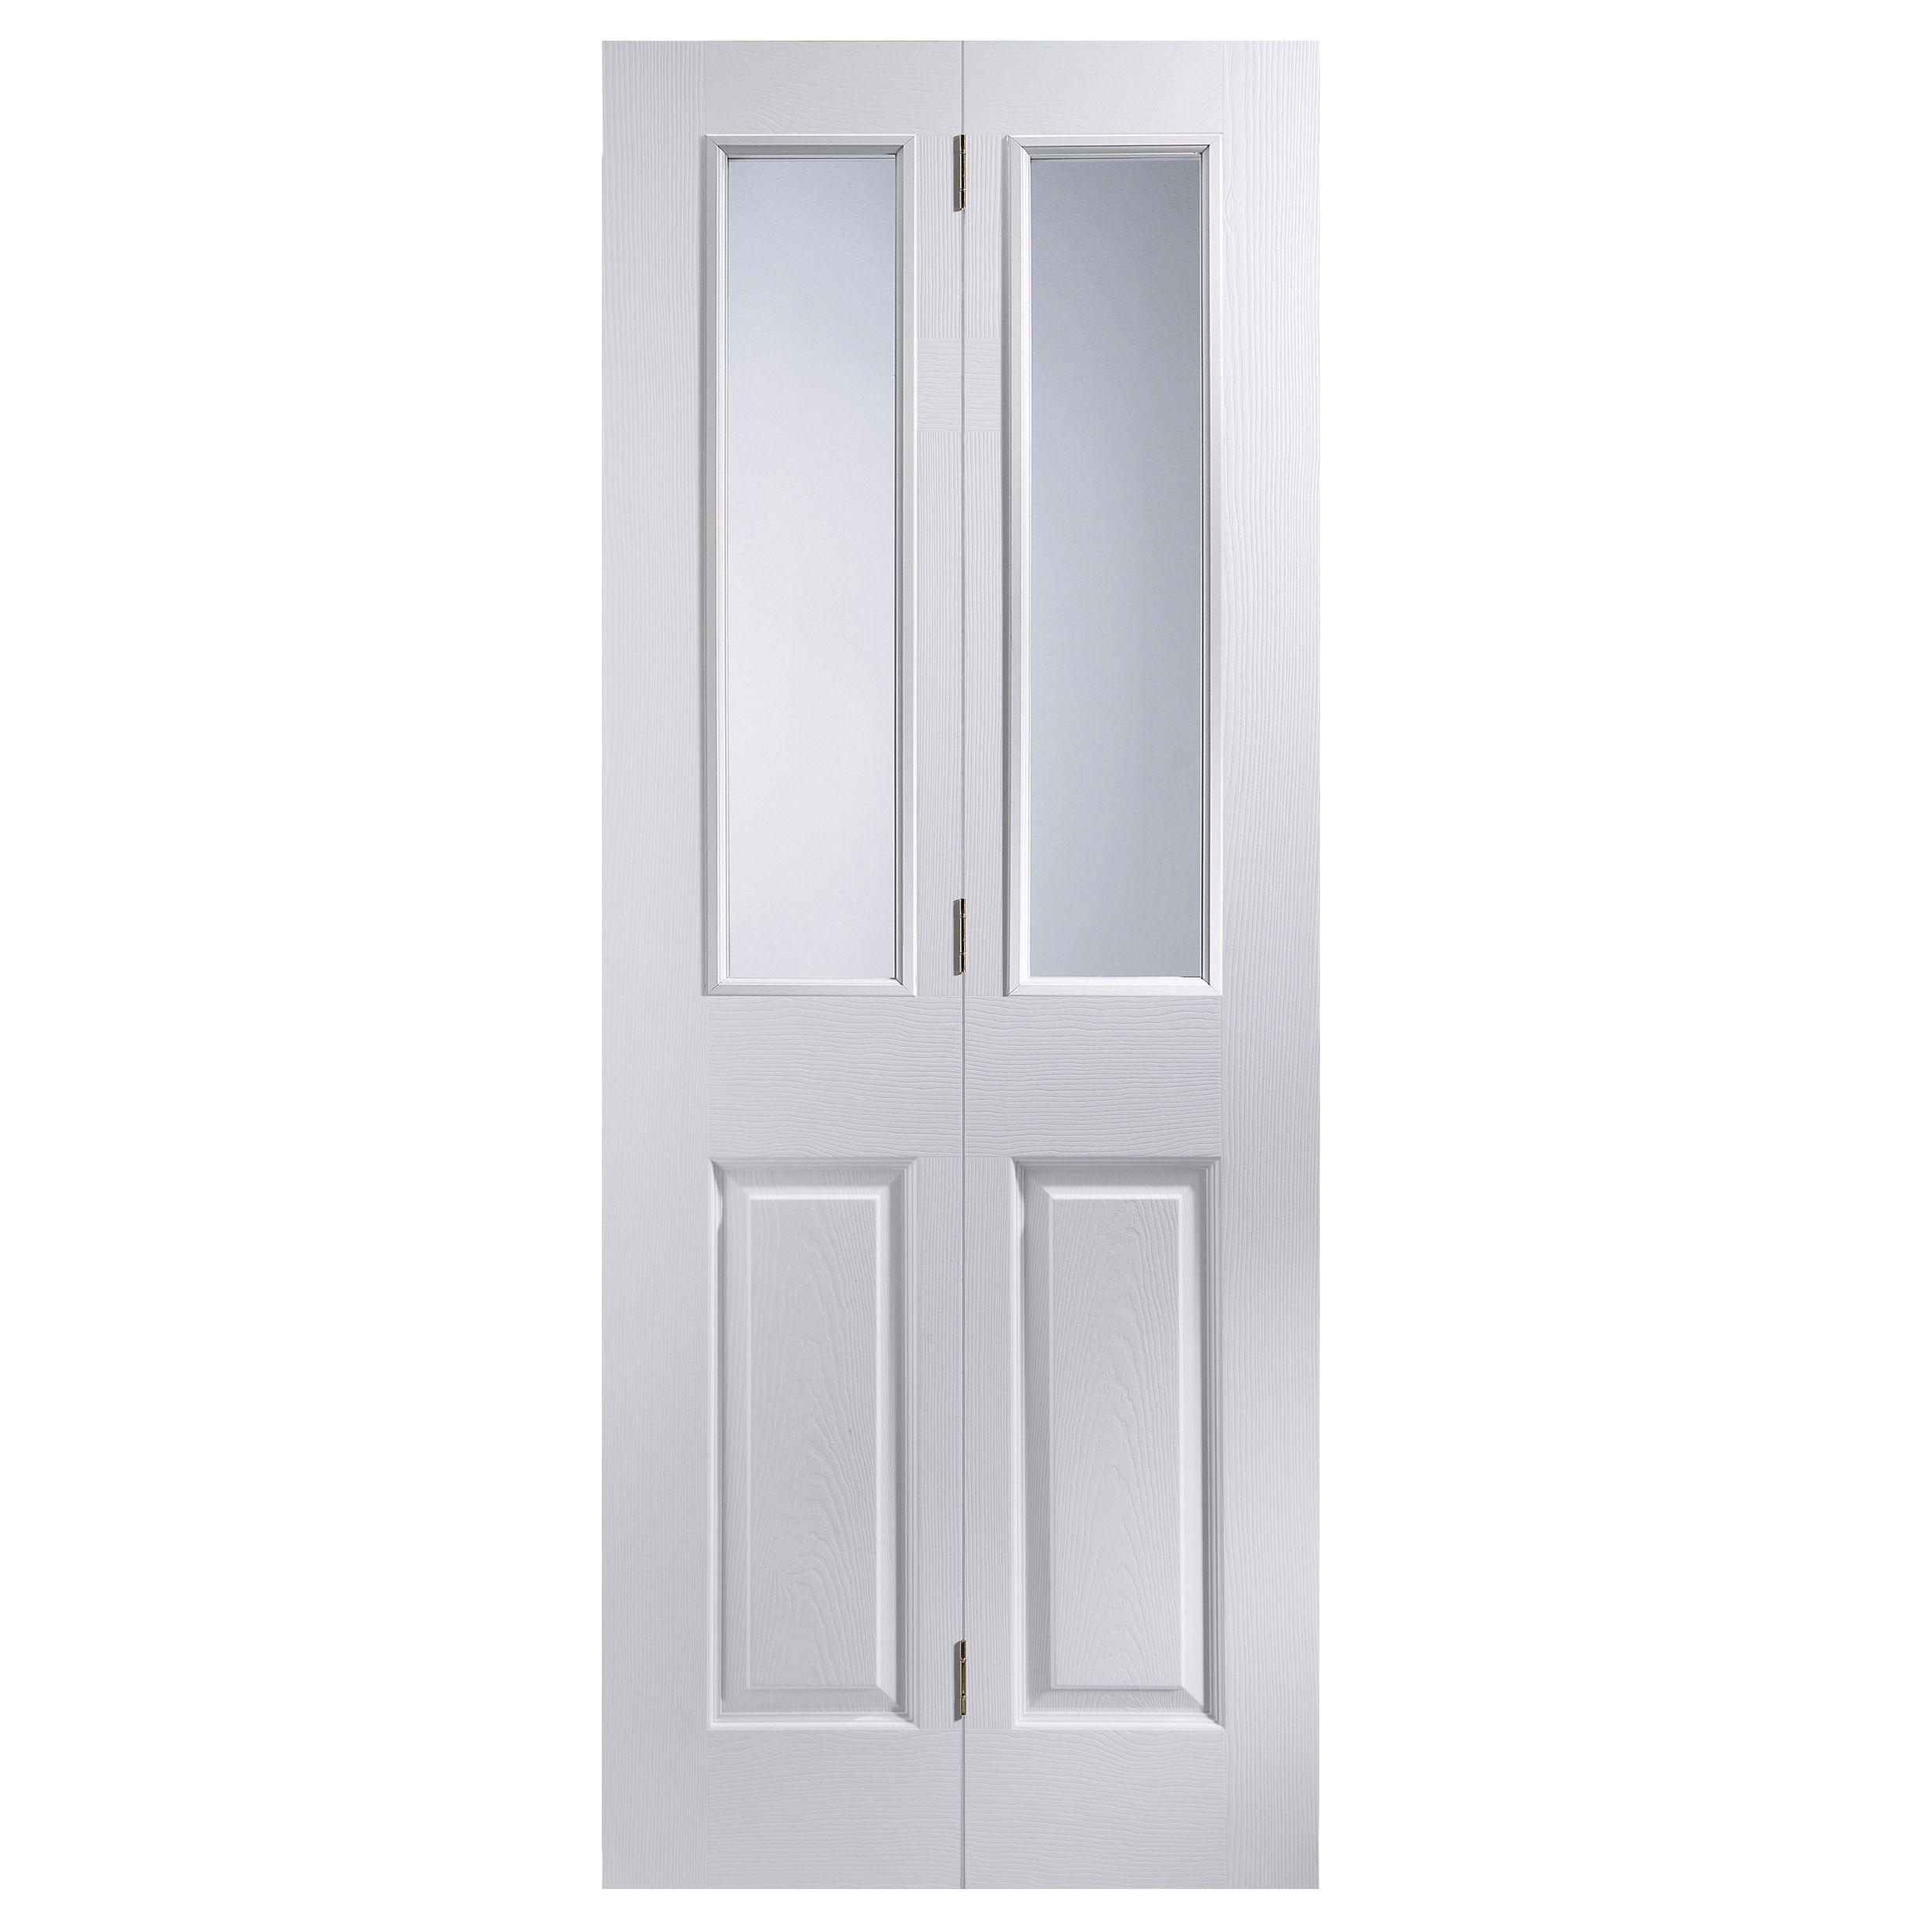 4 Panel 2 Lite Primed Woodgrain Effect Glazed Internal Bi-fold Door, (h)1950mm (w)674mm